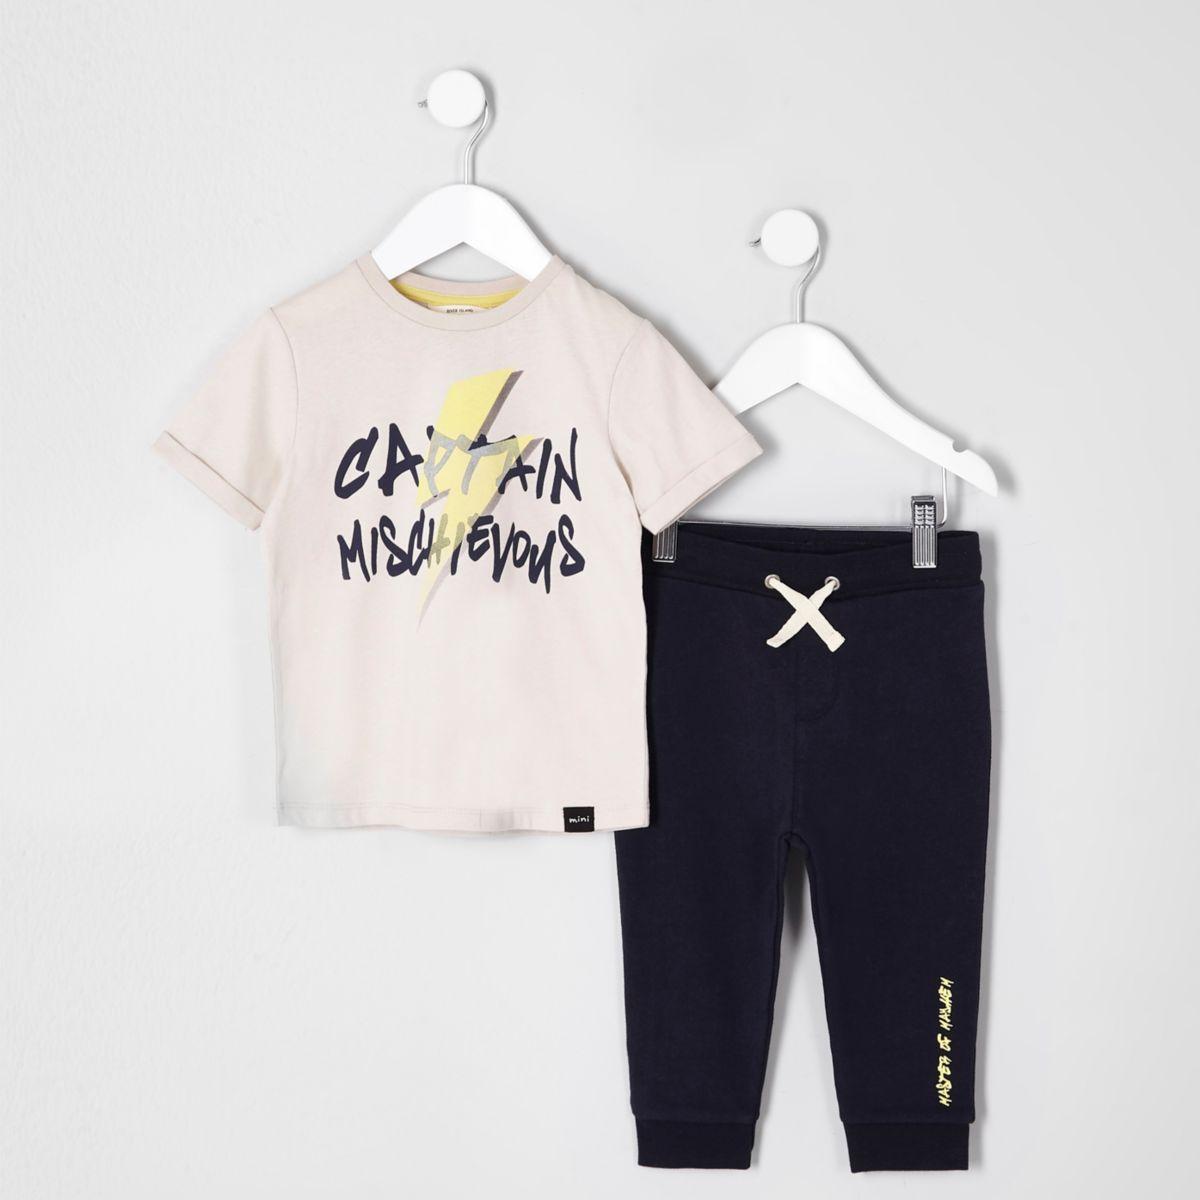 Mini boys stone 'mischievous' T-shirt outfit